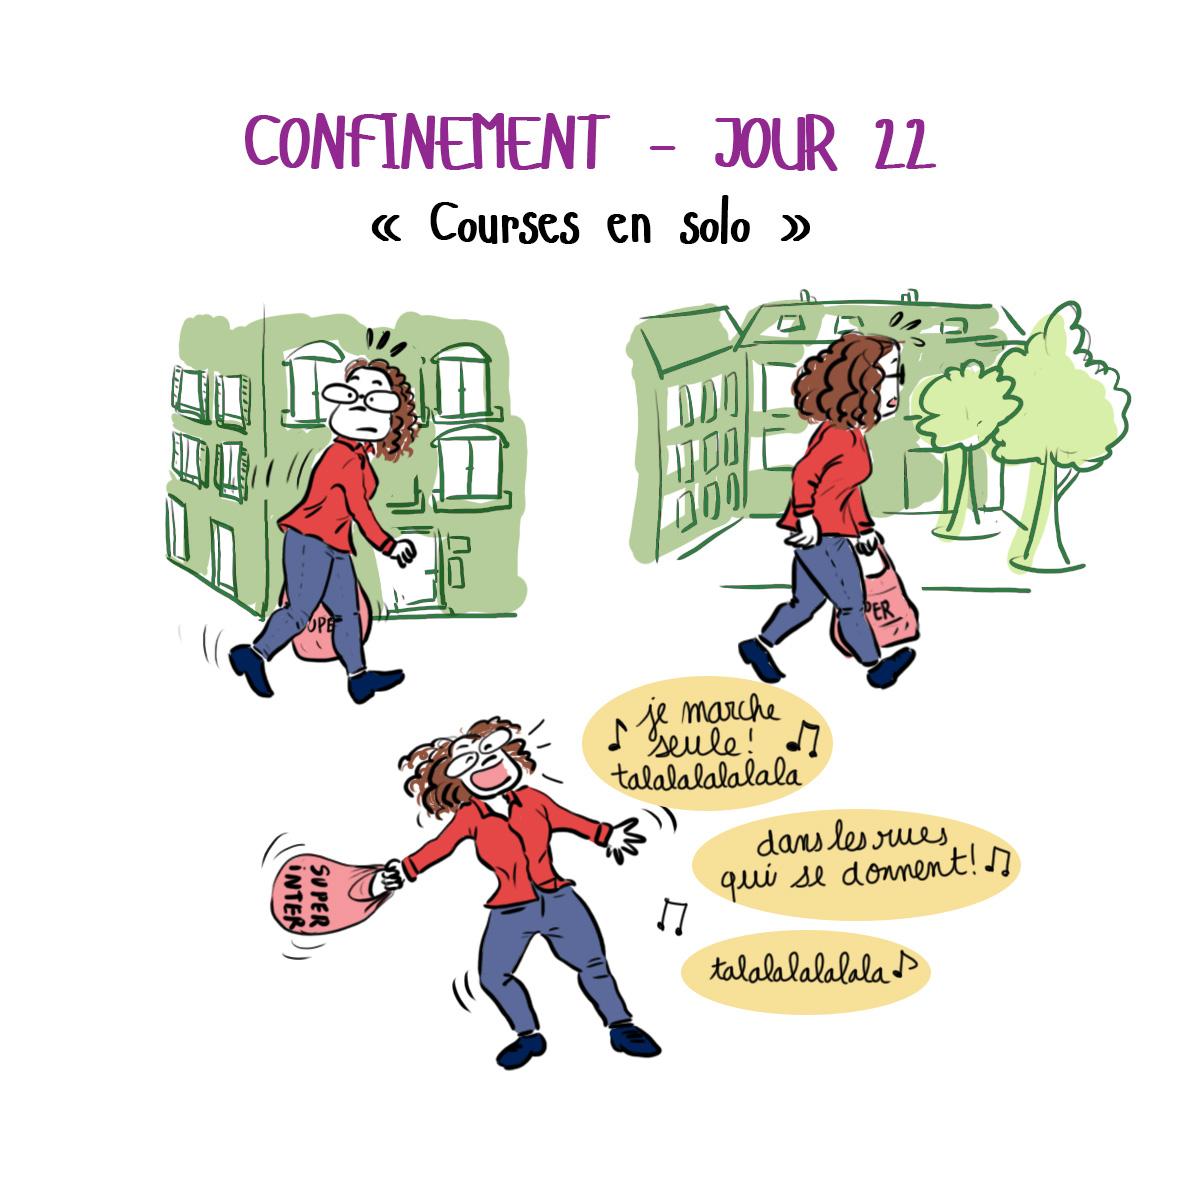 Journal de confinement - jour 22